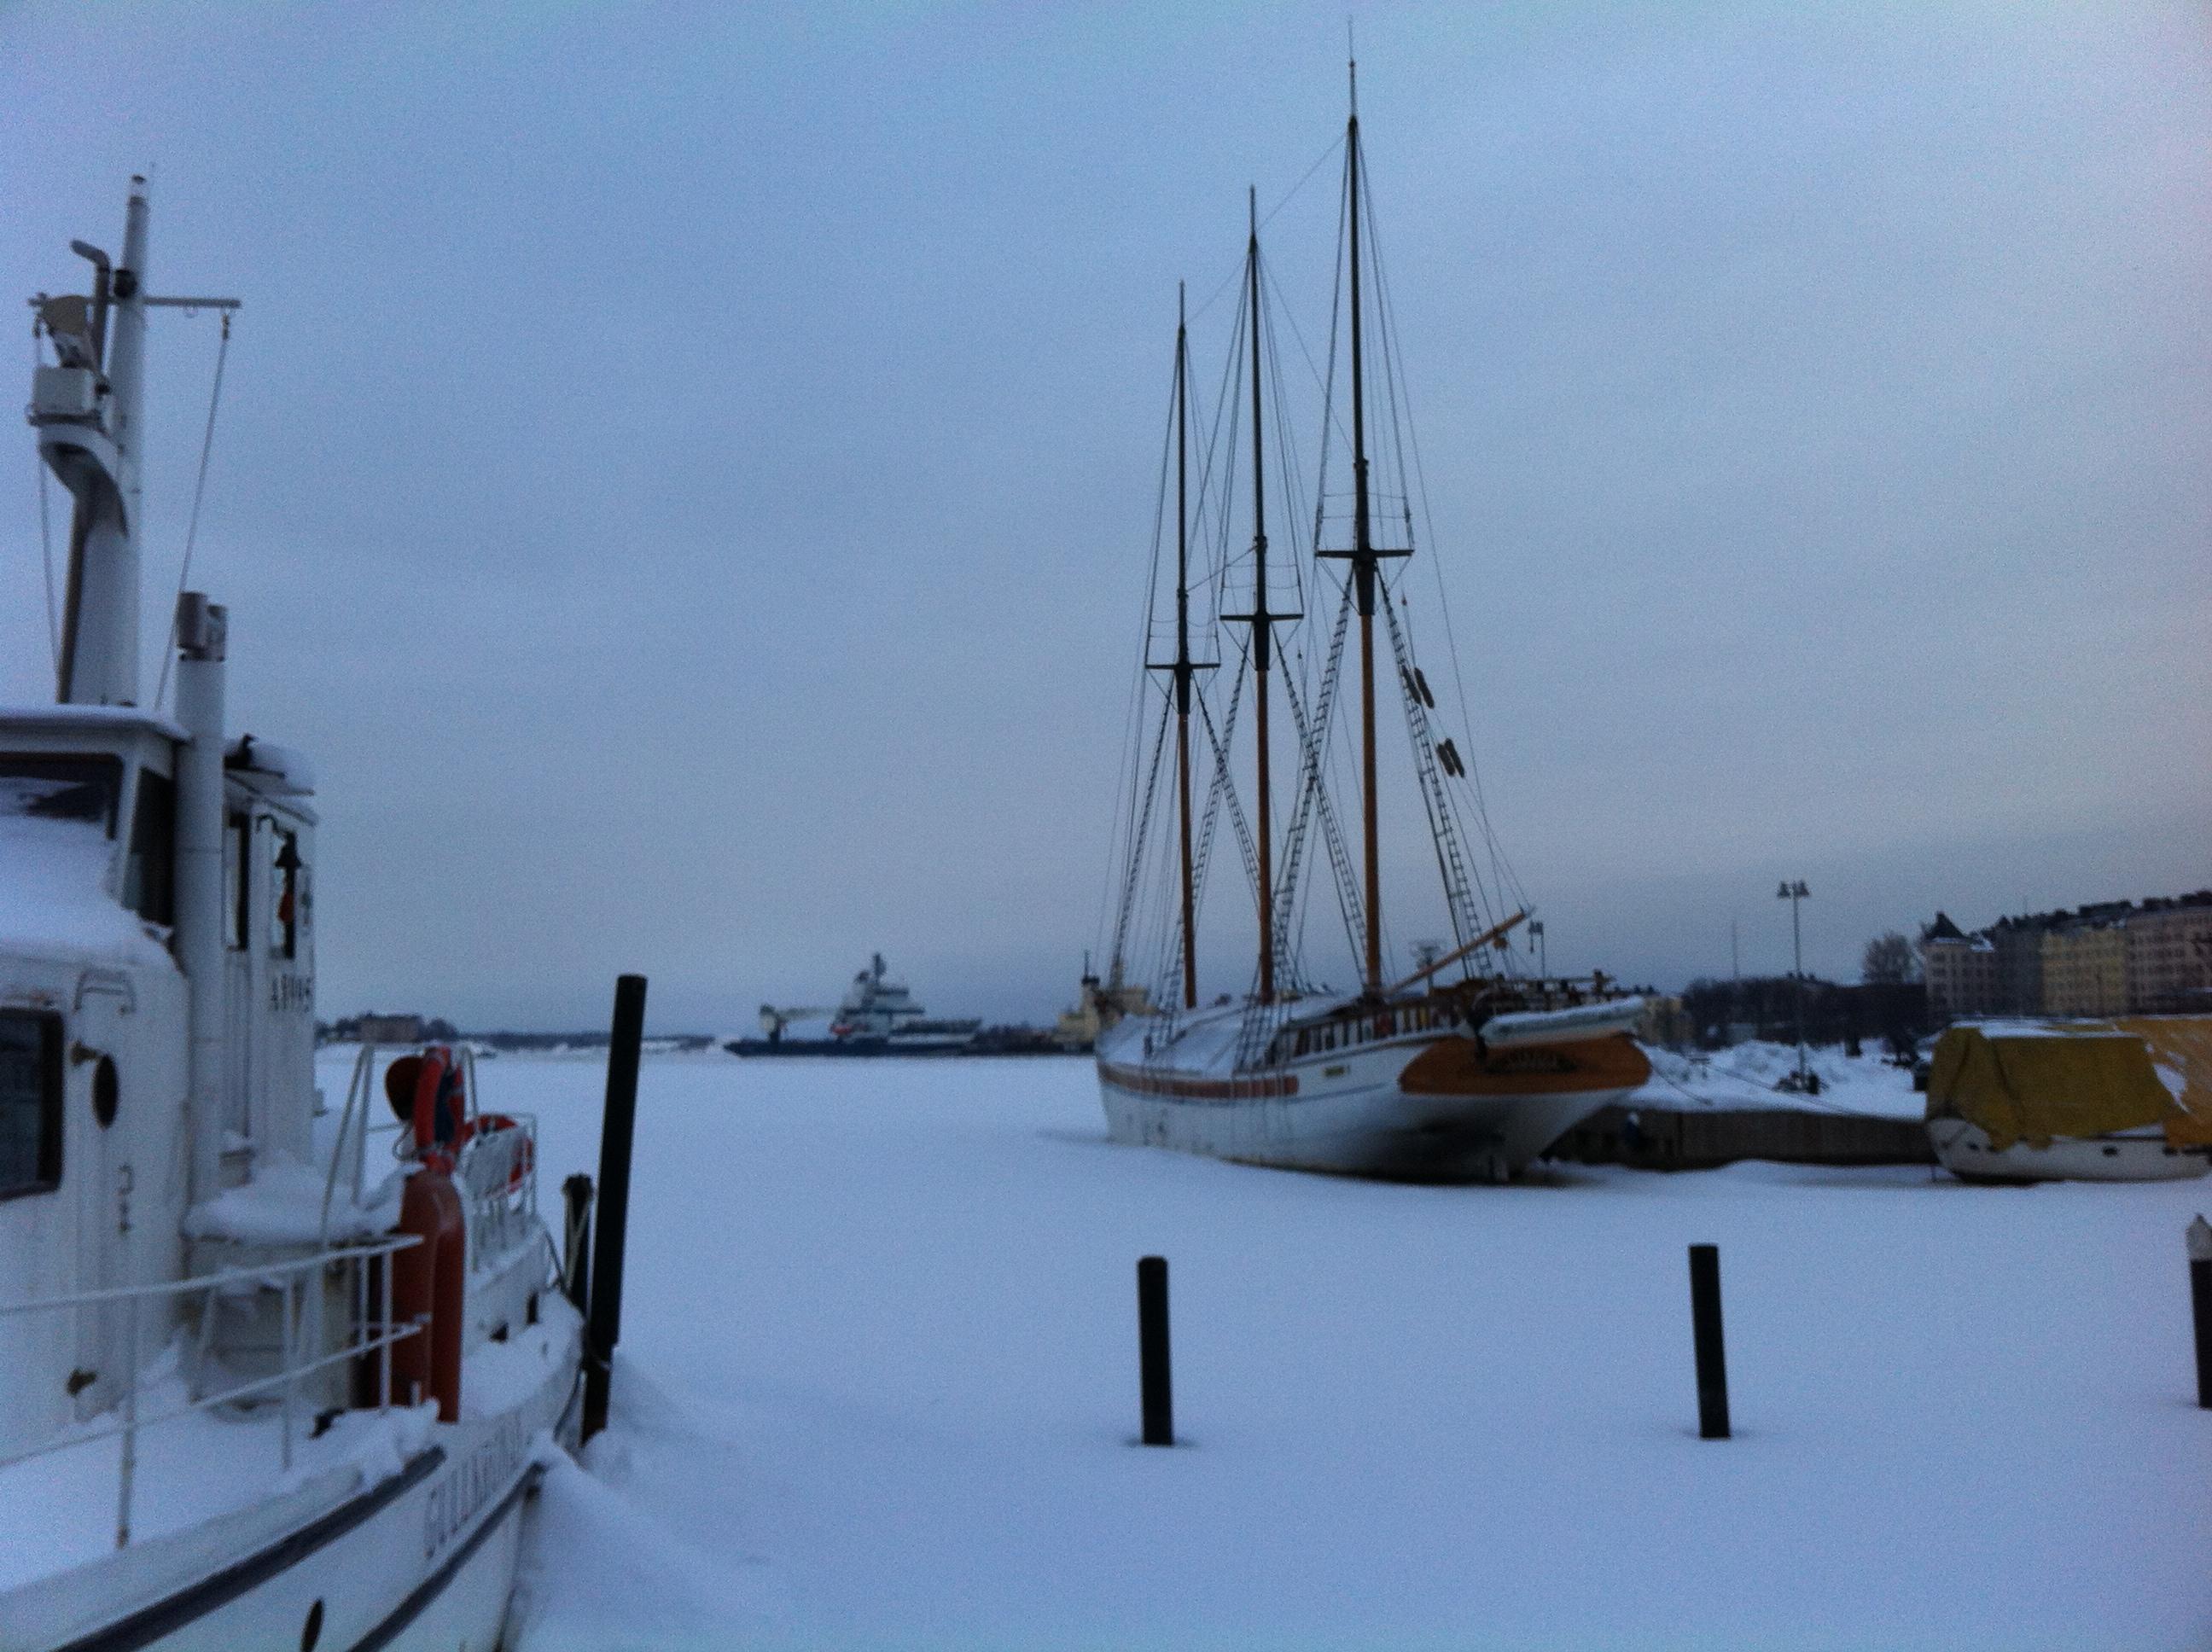 l'hiver les voiliers restent prisonniers des glaces. www.escaledenuit.com